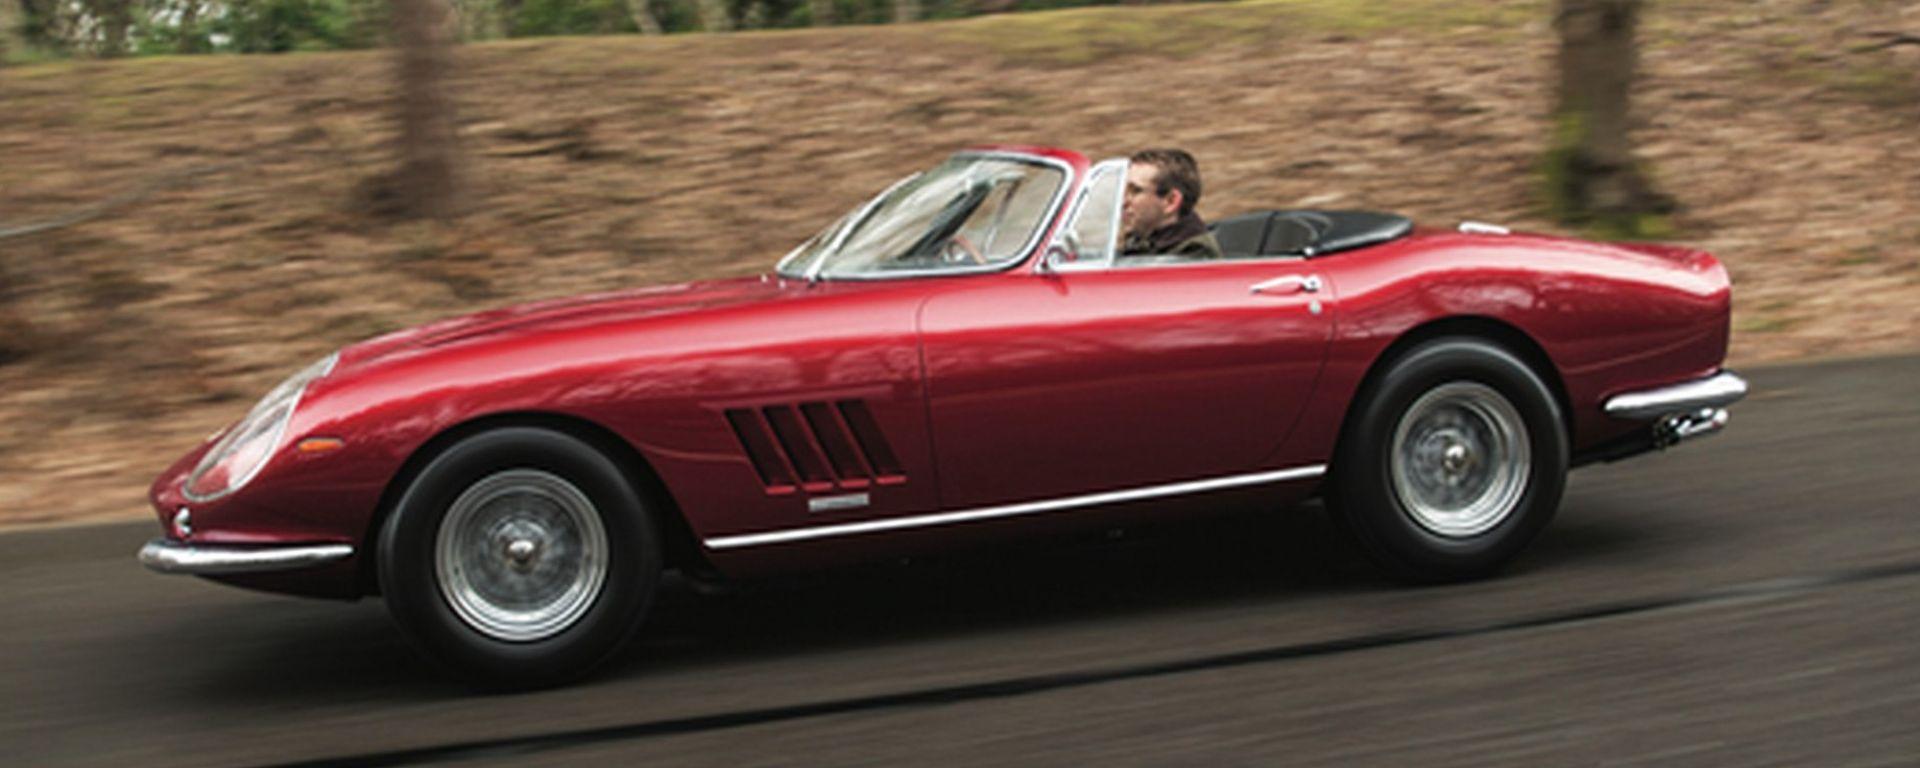 Ferrari 275 GTS / 4 Nart Spider del 1968